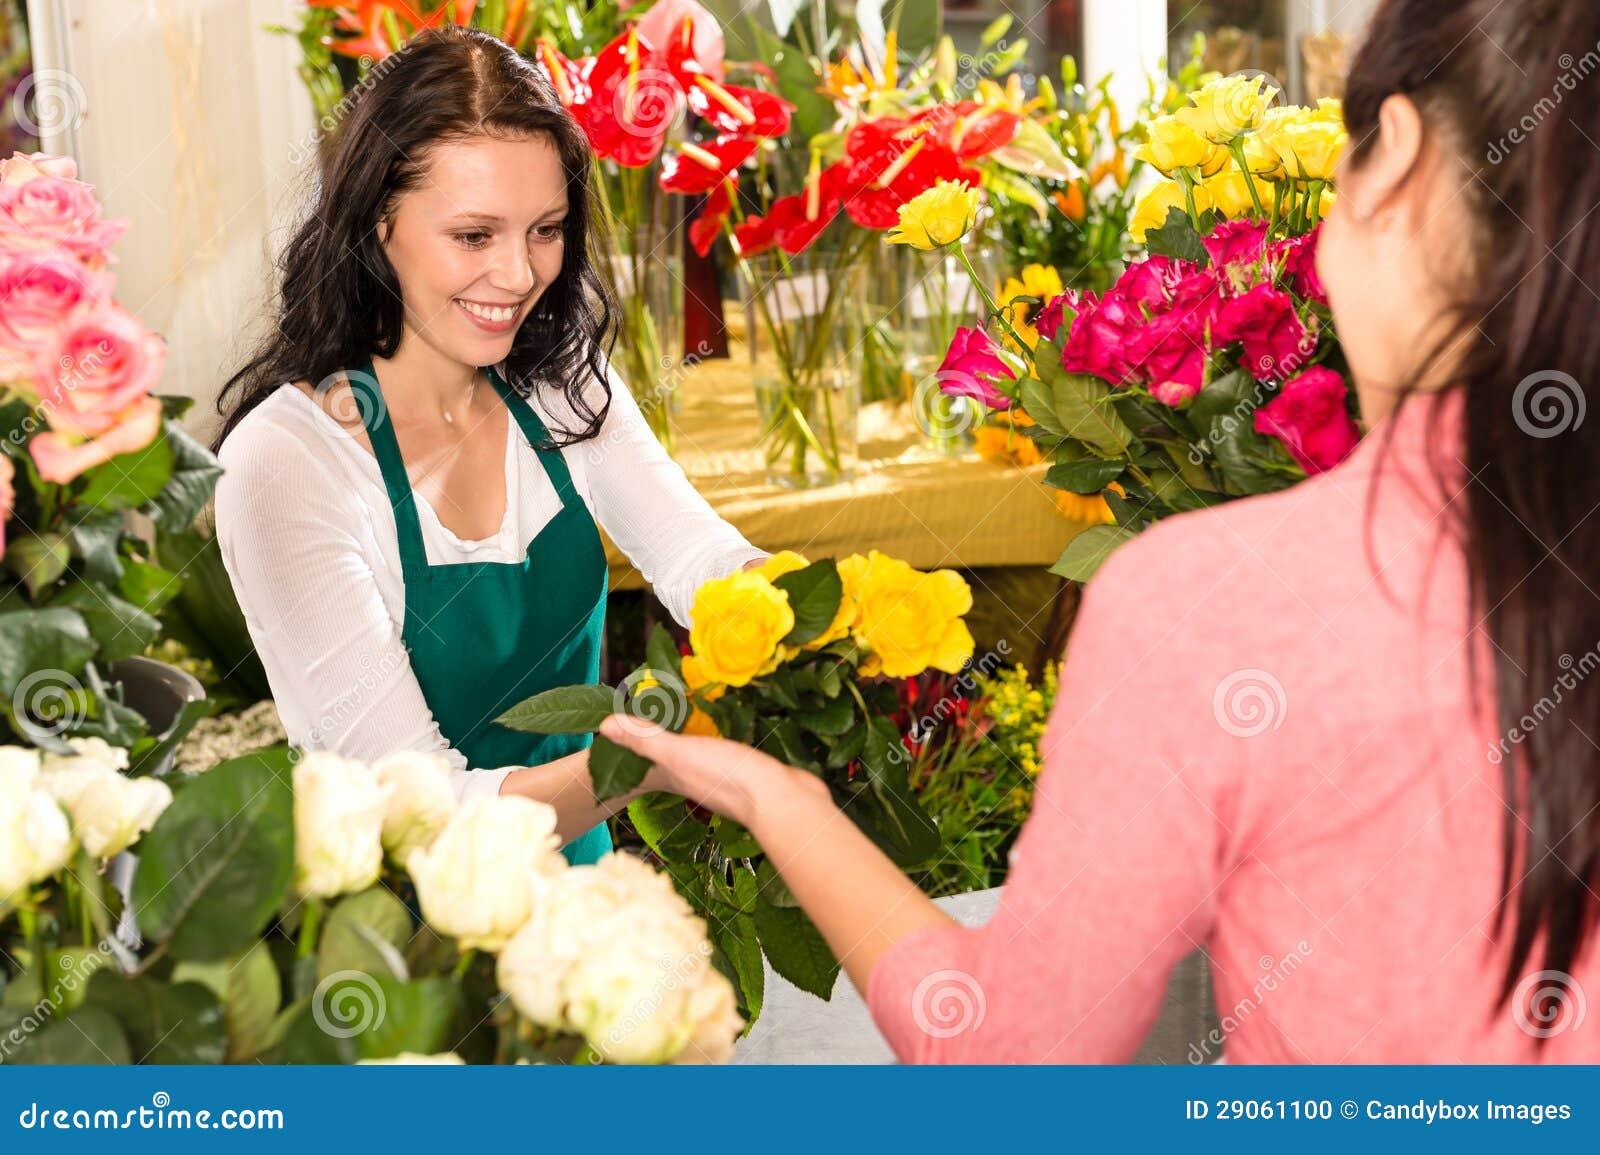 快乐的花店卖花人客户采购的黄色